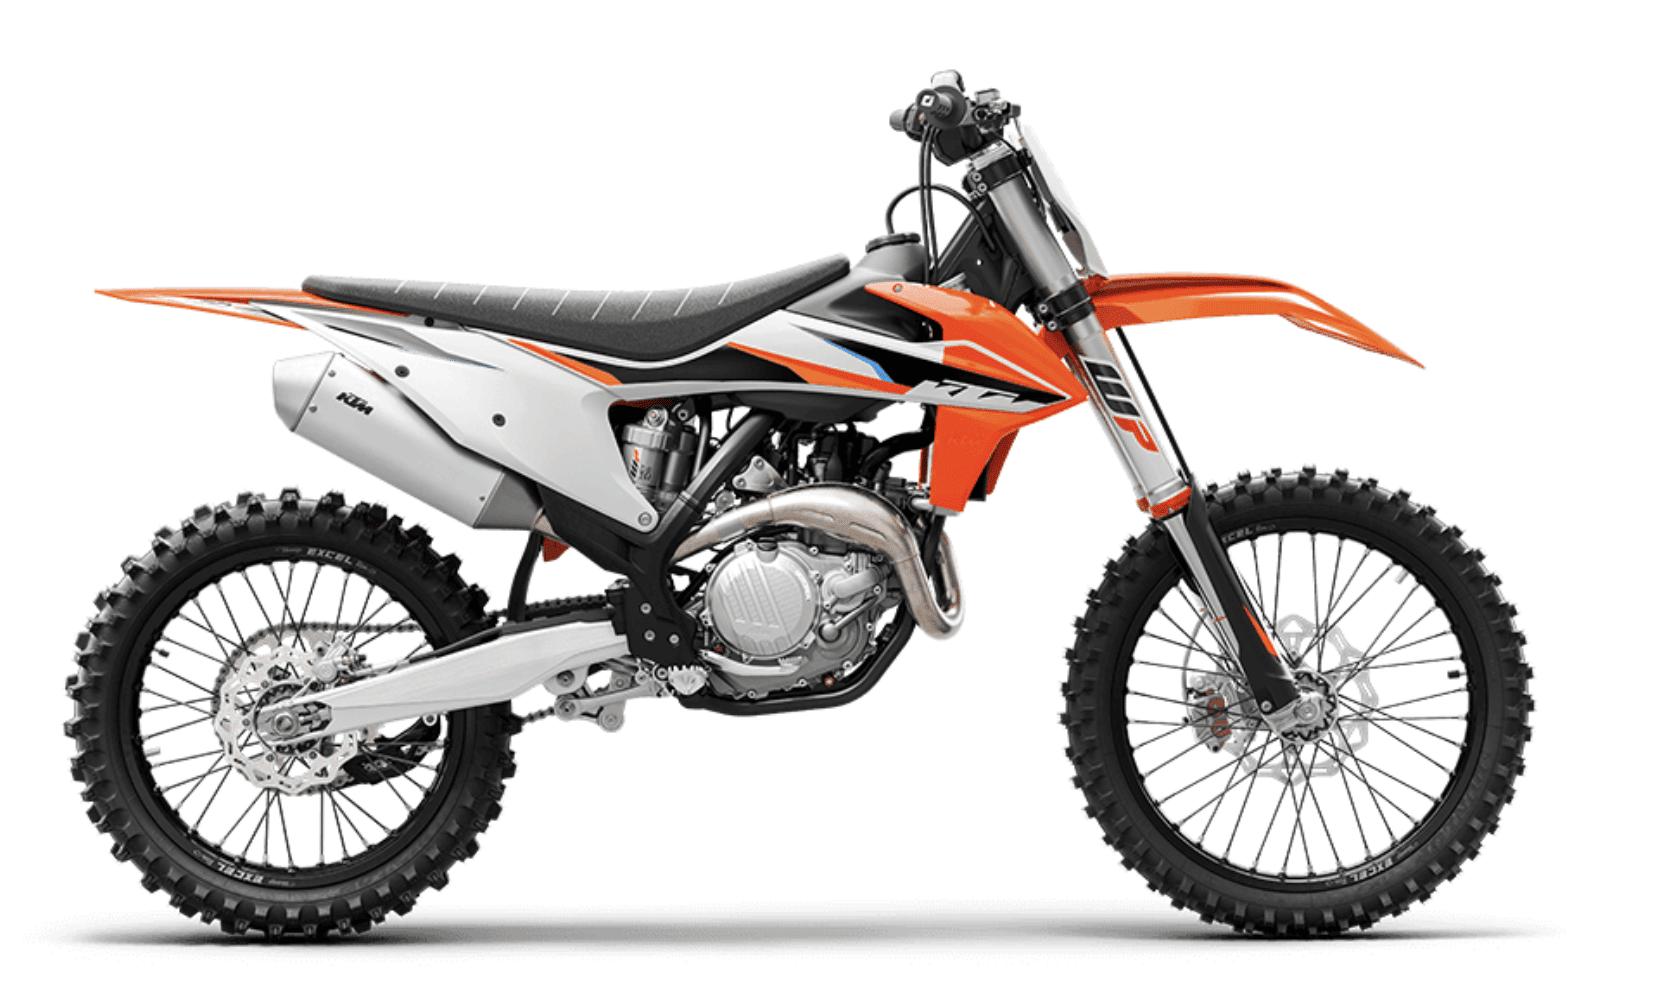 2021 KTM Motocross dirt bike